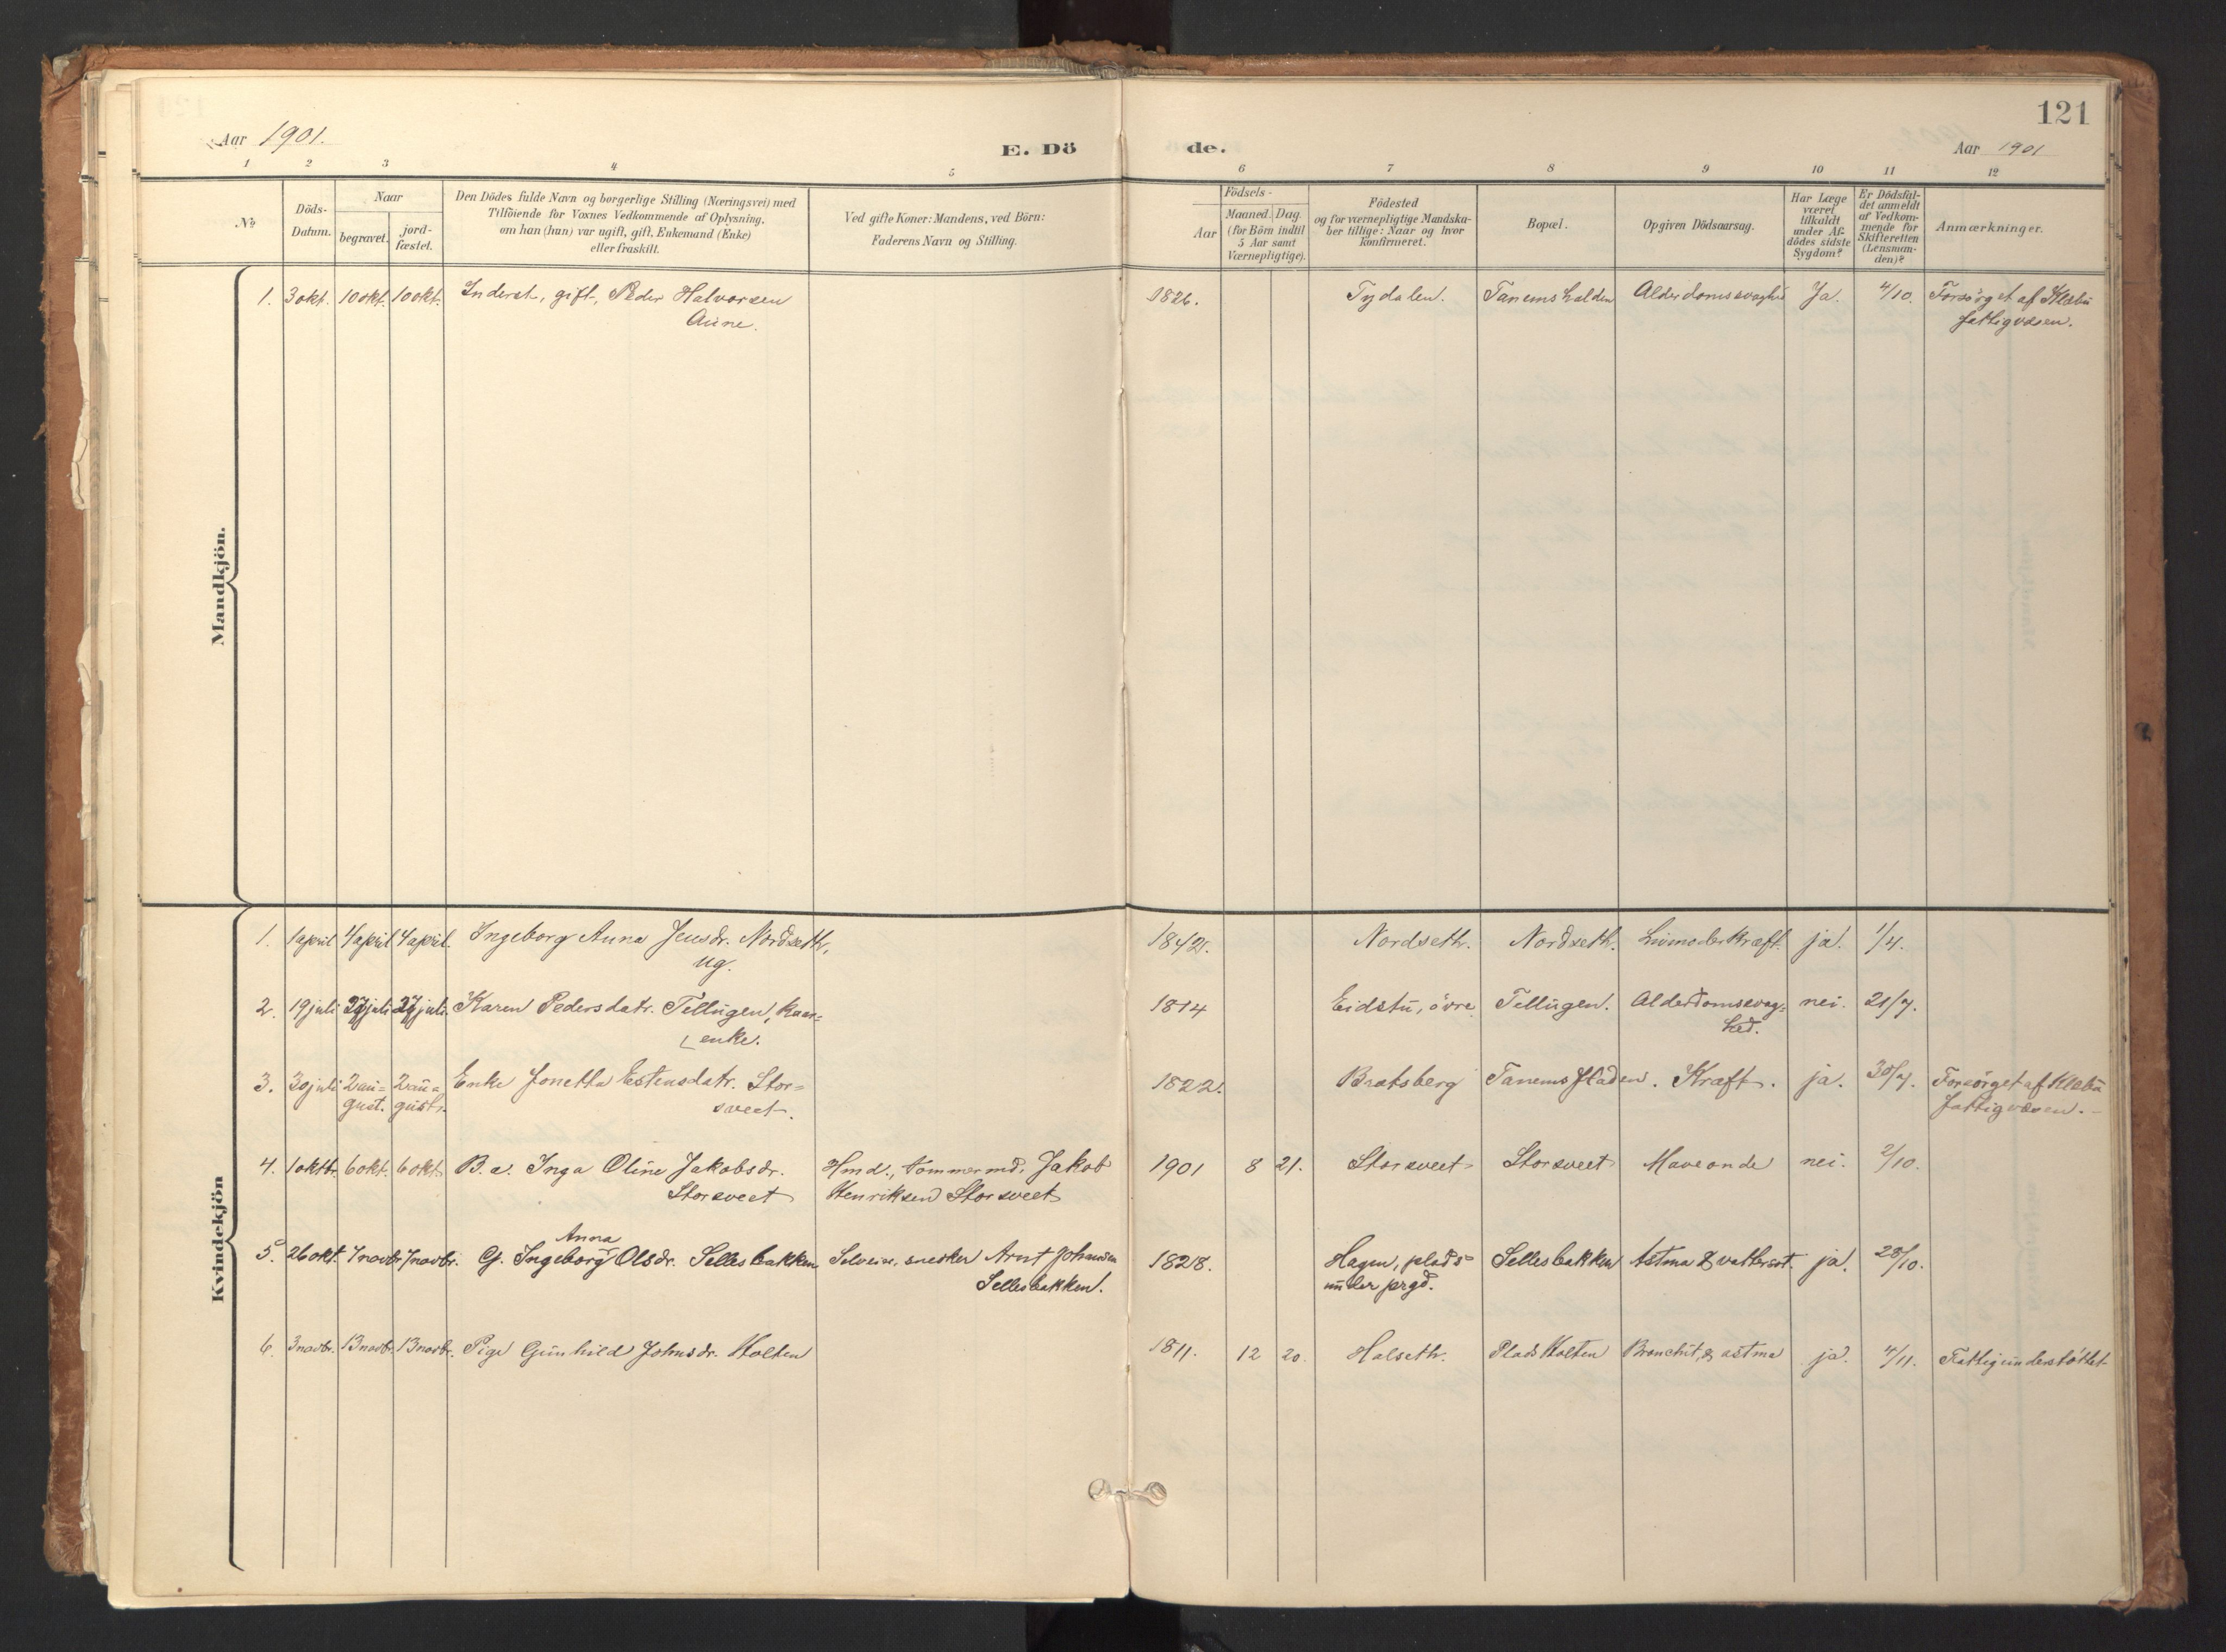 SAT, Ministerialprotokoller, klokkerbøker og fødselsregistre - Sør-Trøndelag, 618/L0448: Ministerialbok nr. 618A11, 1898-1916, s. 121